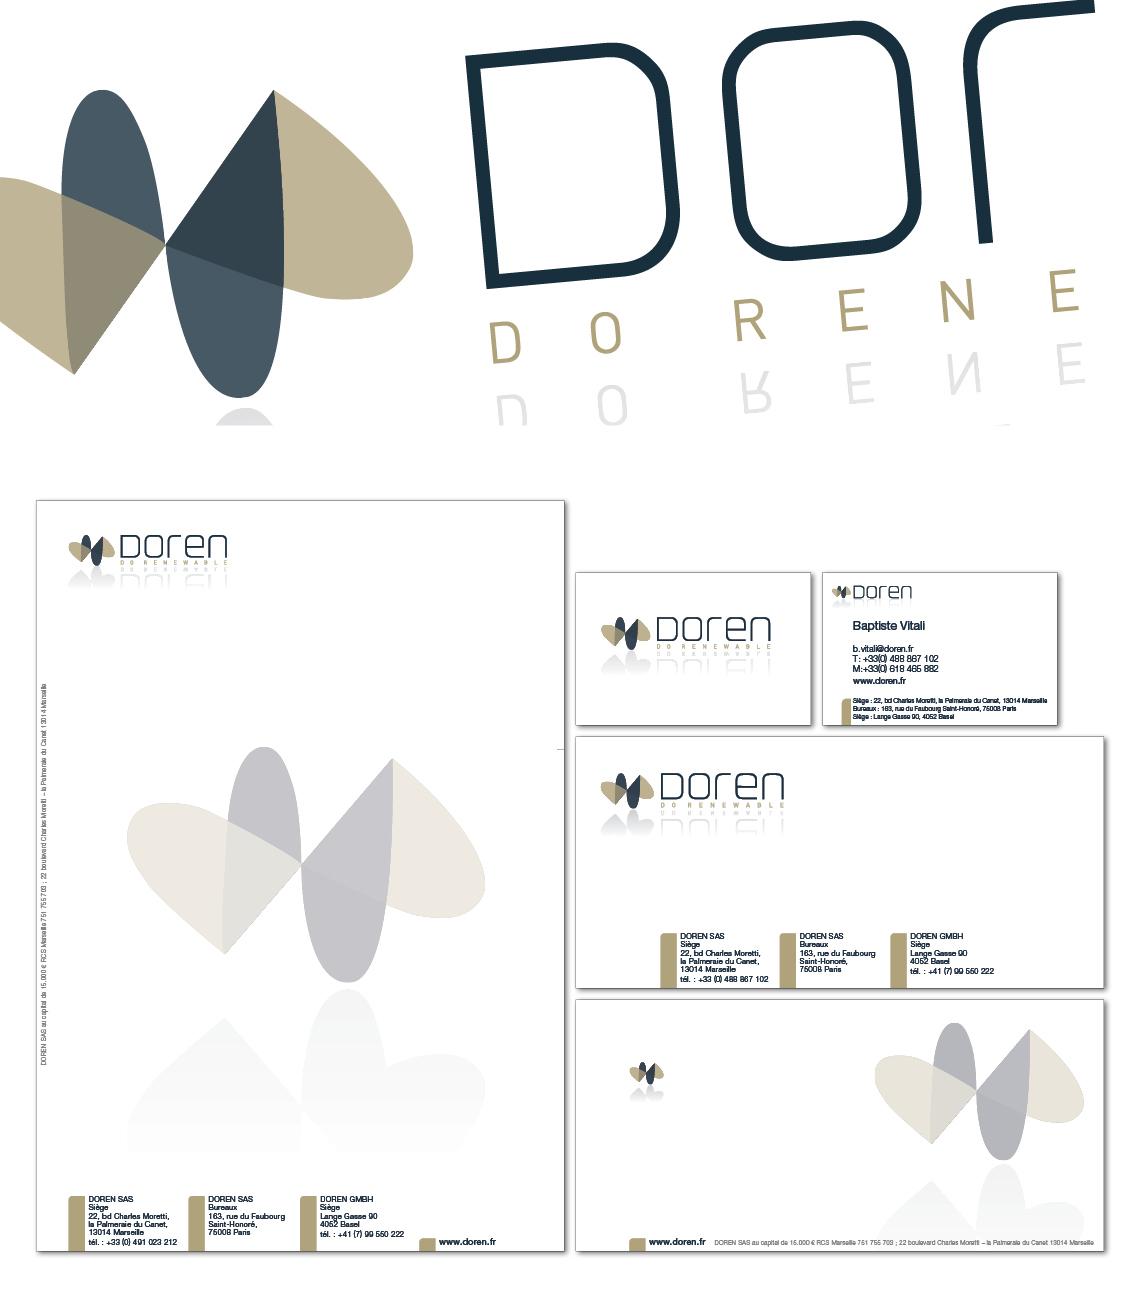 Doren, ingénierie et études techniques